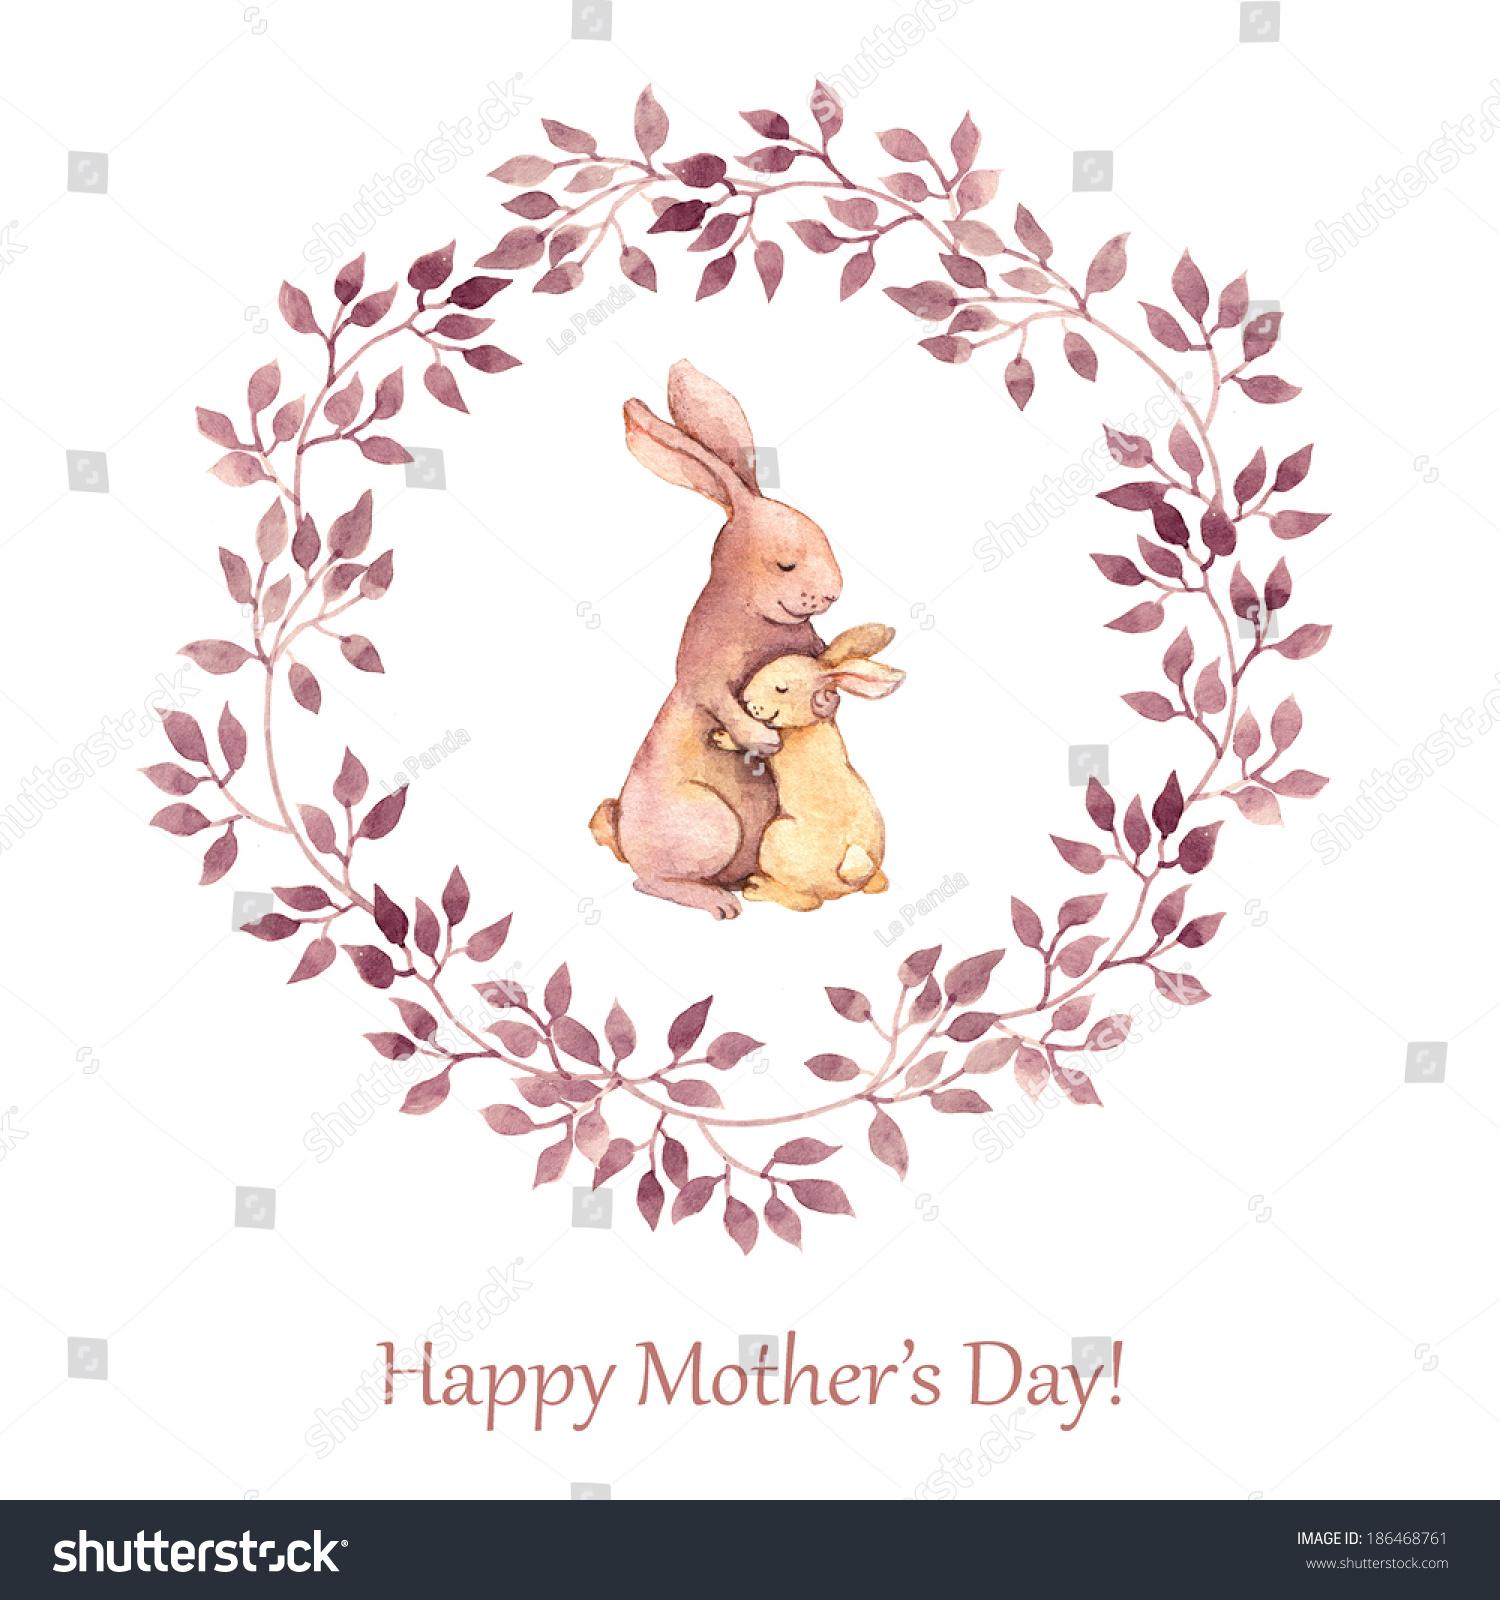 手绘贺卡与可爱的动物——兔子妈妈母亲节她抱孩子